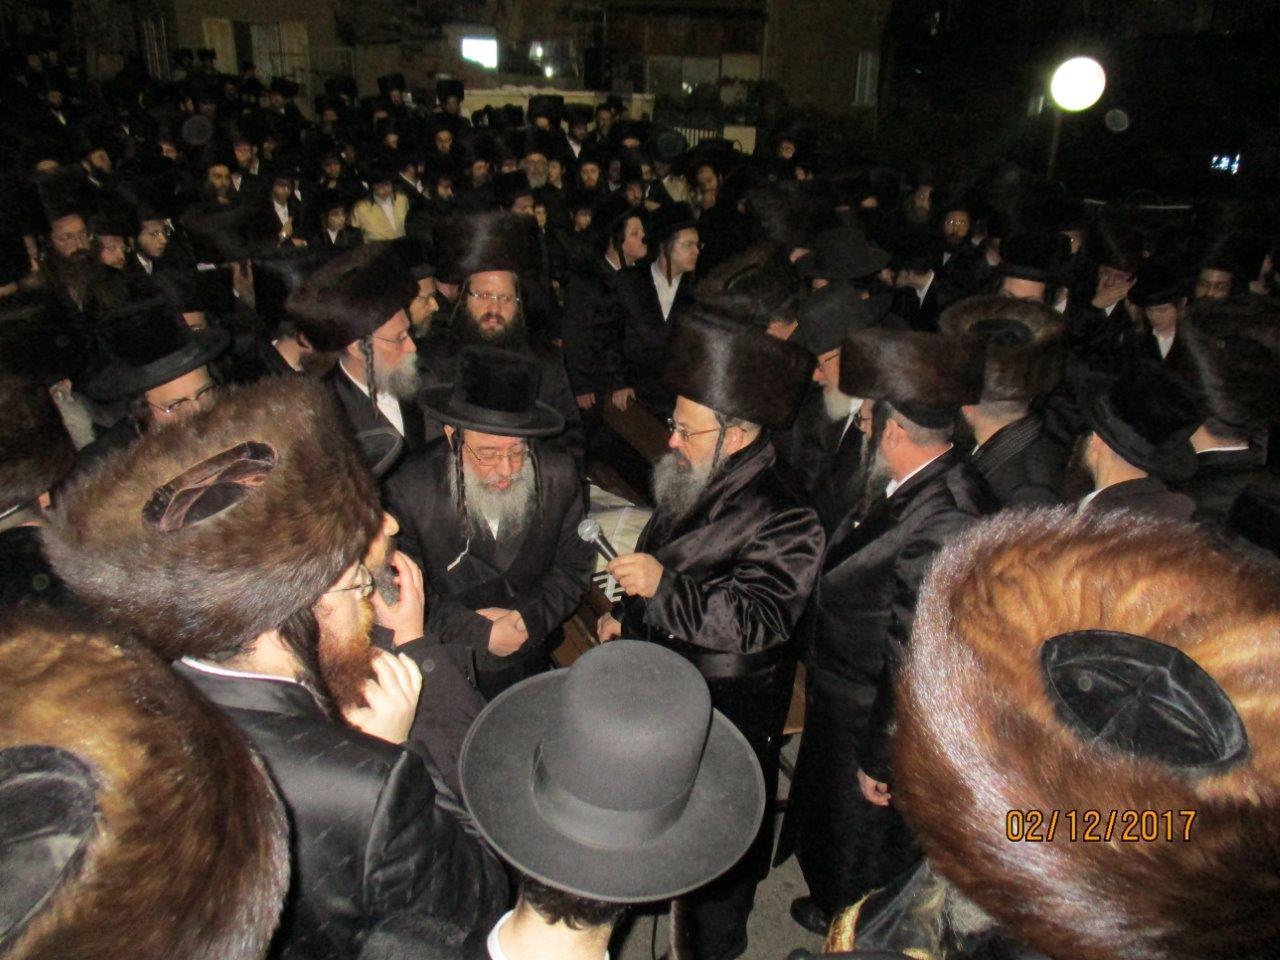 הלווית הרב יצחק גודלמן זצל מזוויעהל 06